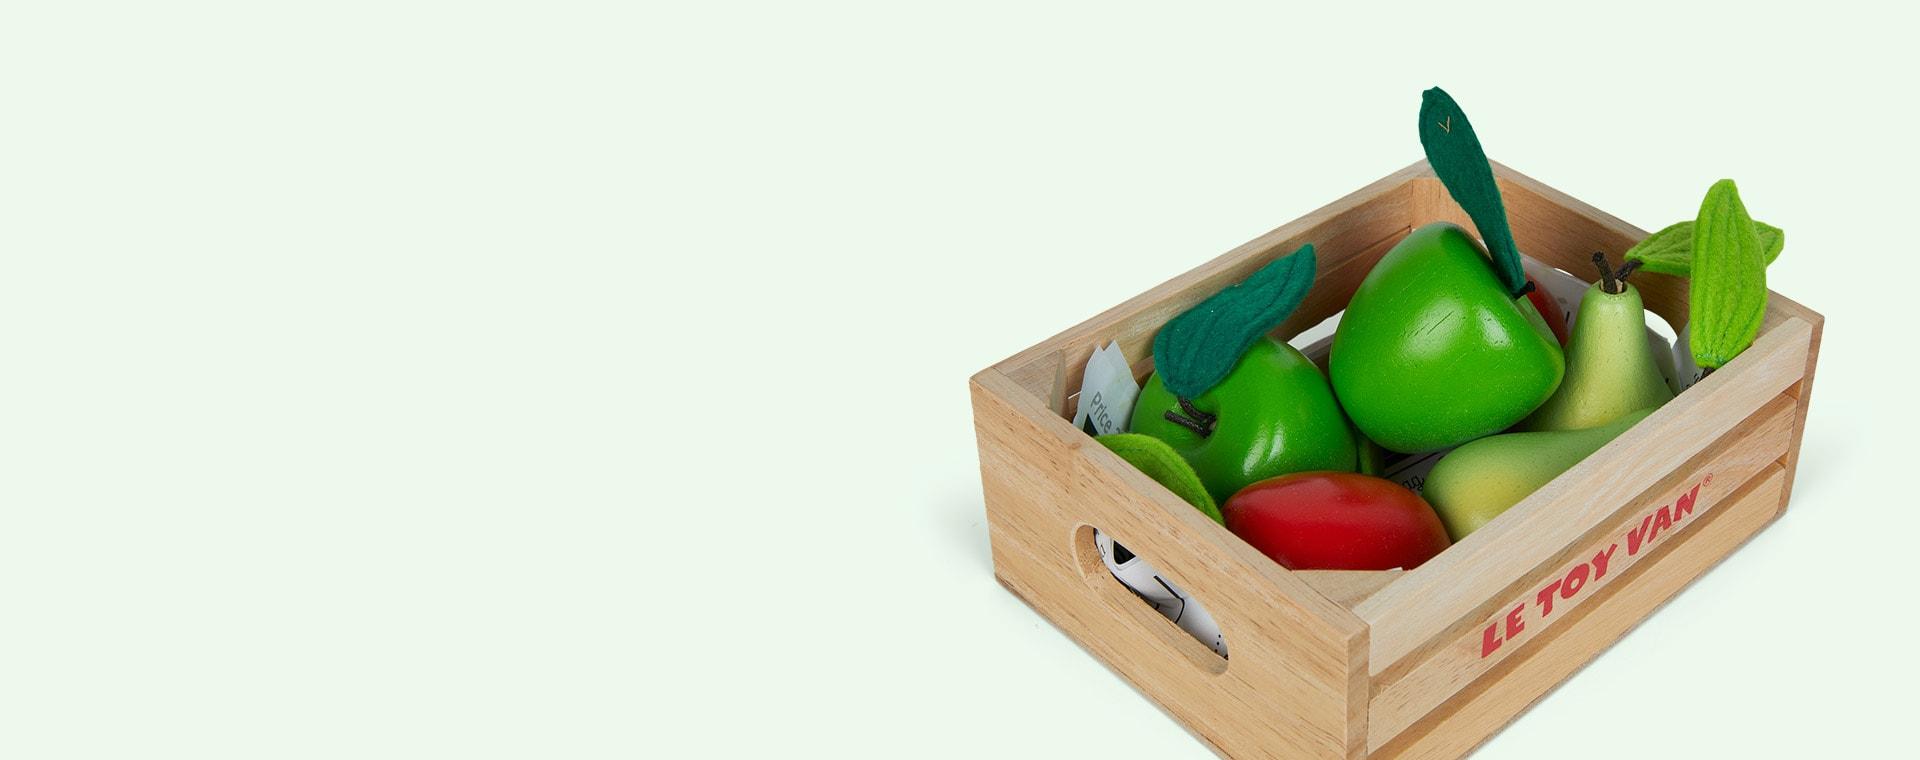 Multi Le Toy Van Apples & Pears Market Crate